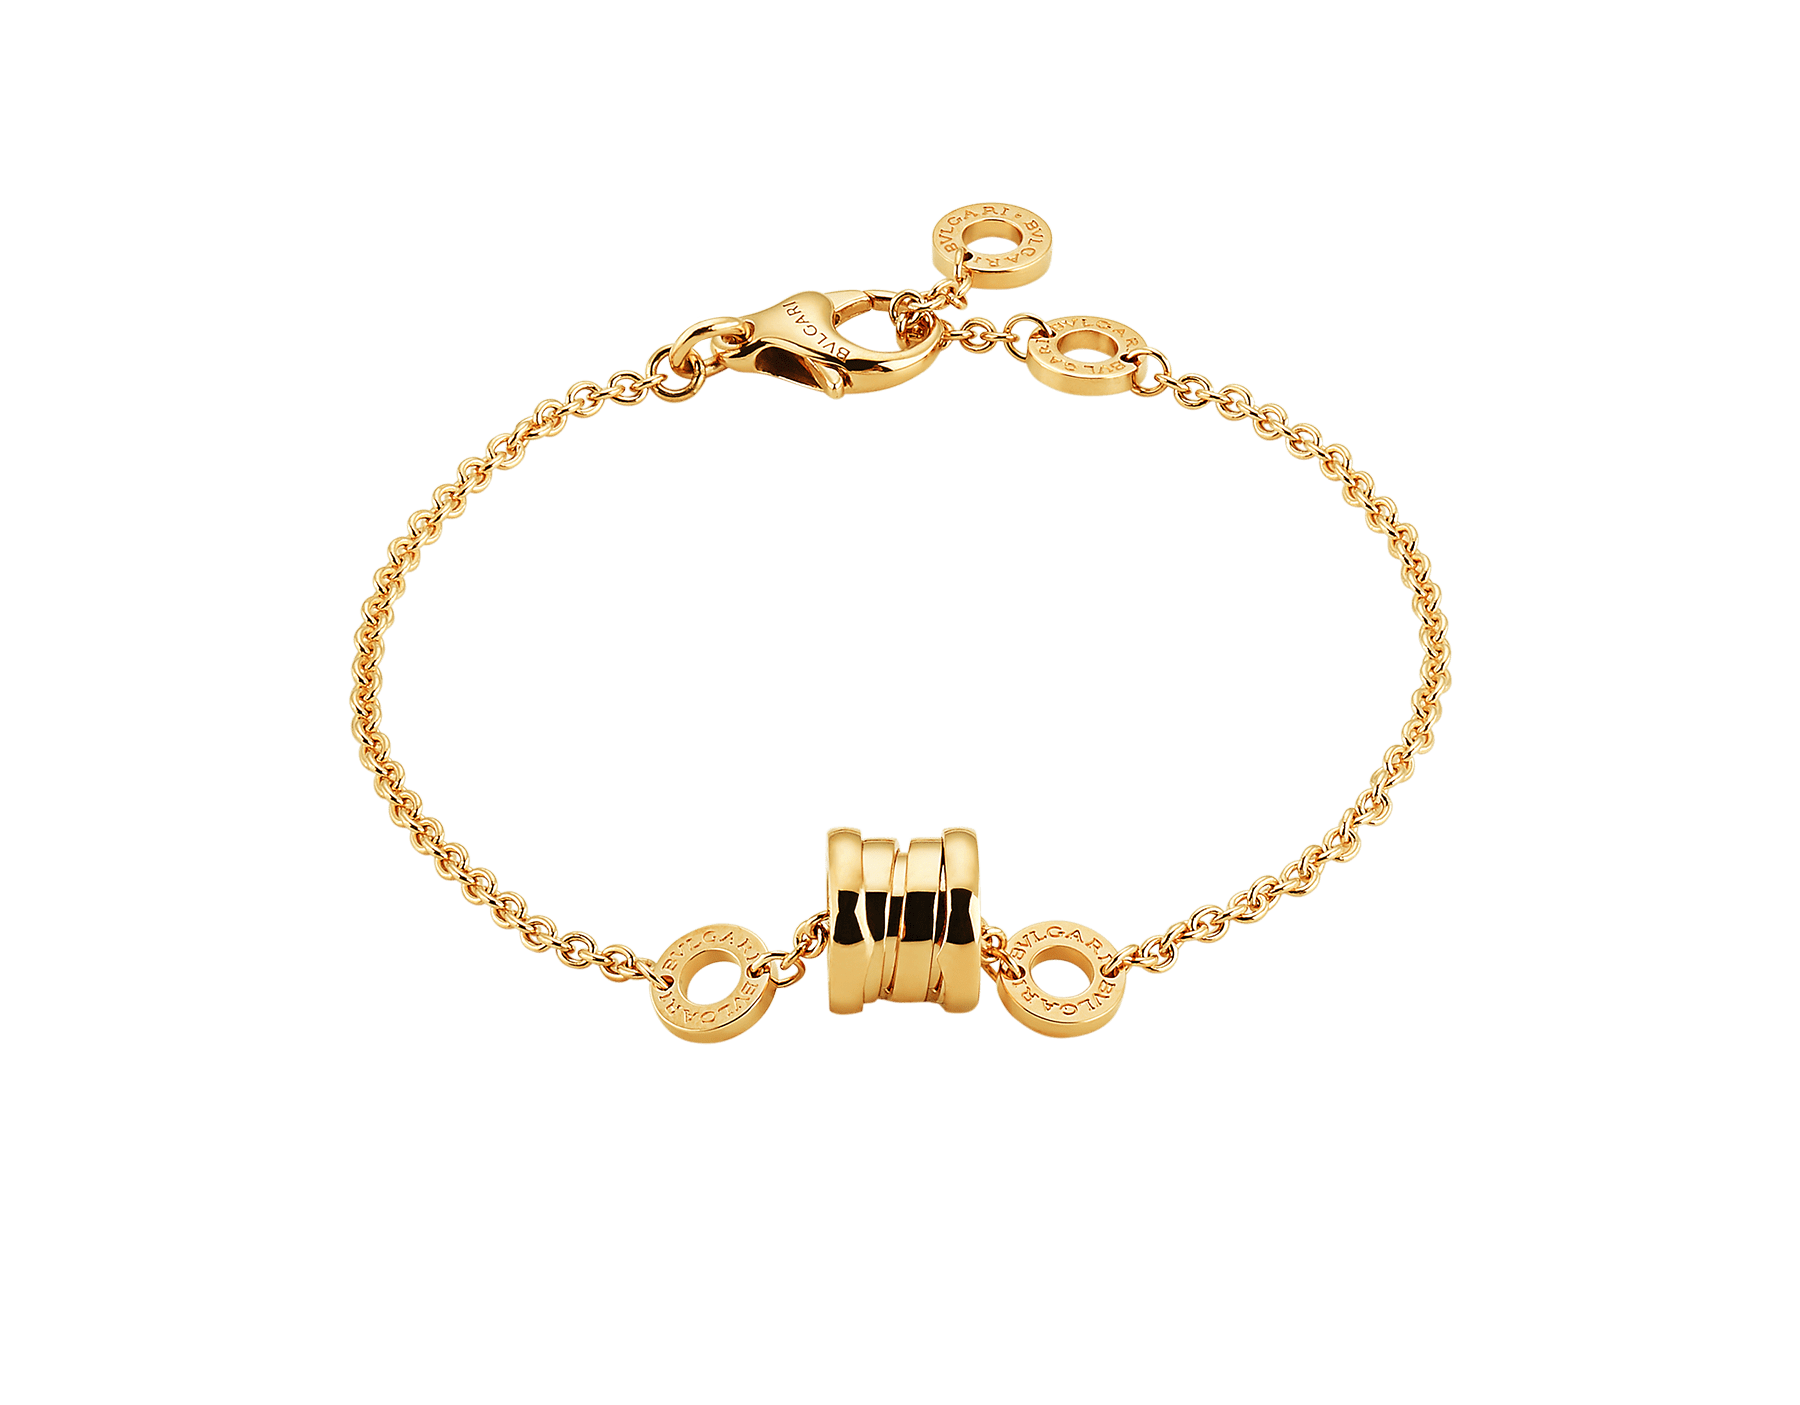 Composé d'une chaîne souple en or jaune et de l'emblématique spirale sous forme de pendentif tendance, le bracelet B.zero1 révèle l'esprit contemporain de son design polyvalent et original. BR853667 image 1